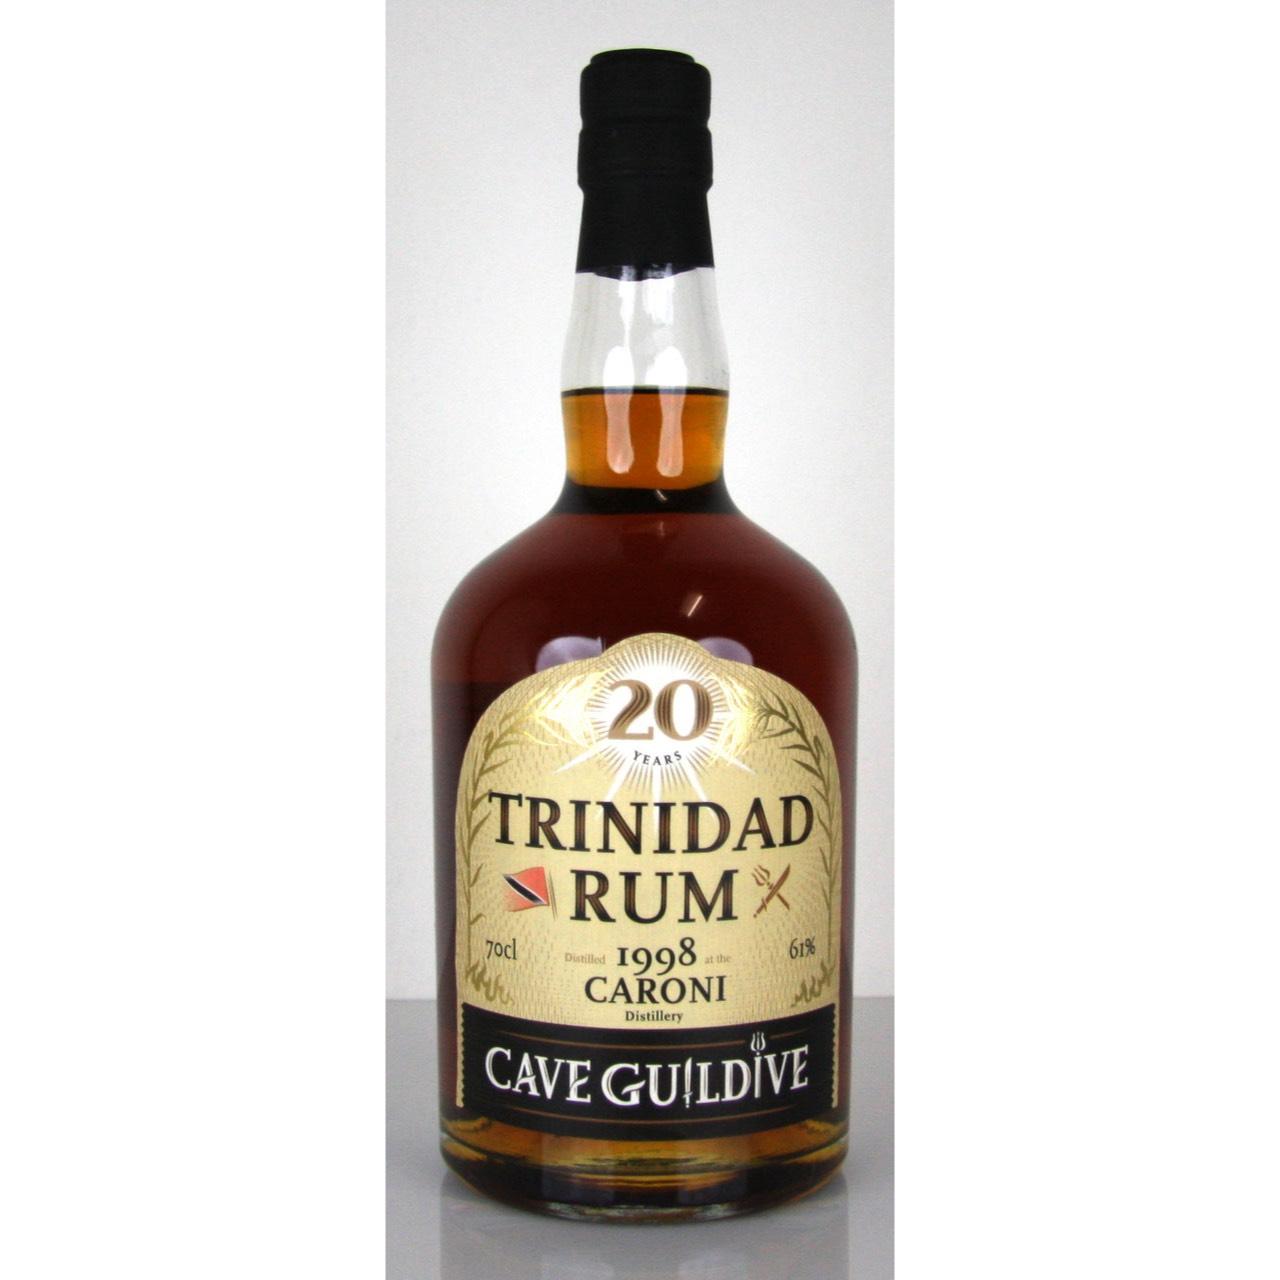 Bottle image of Trinidad Rum HTR